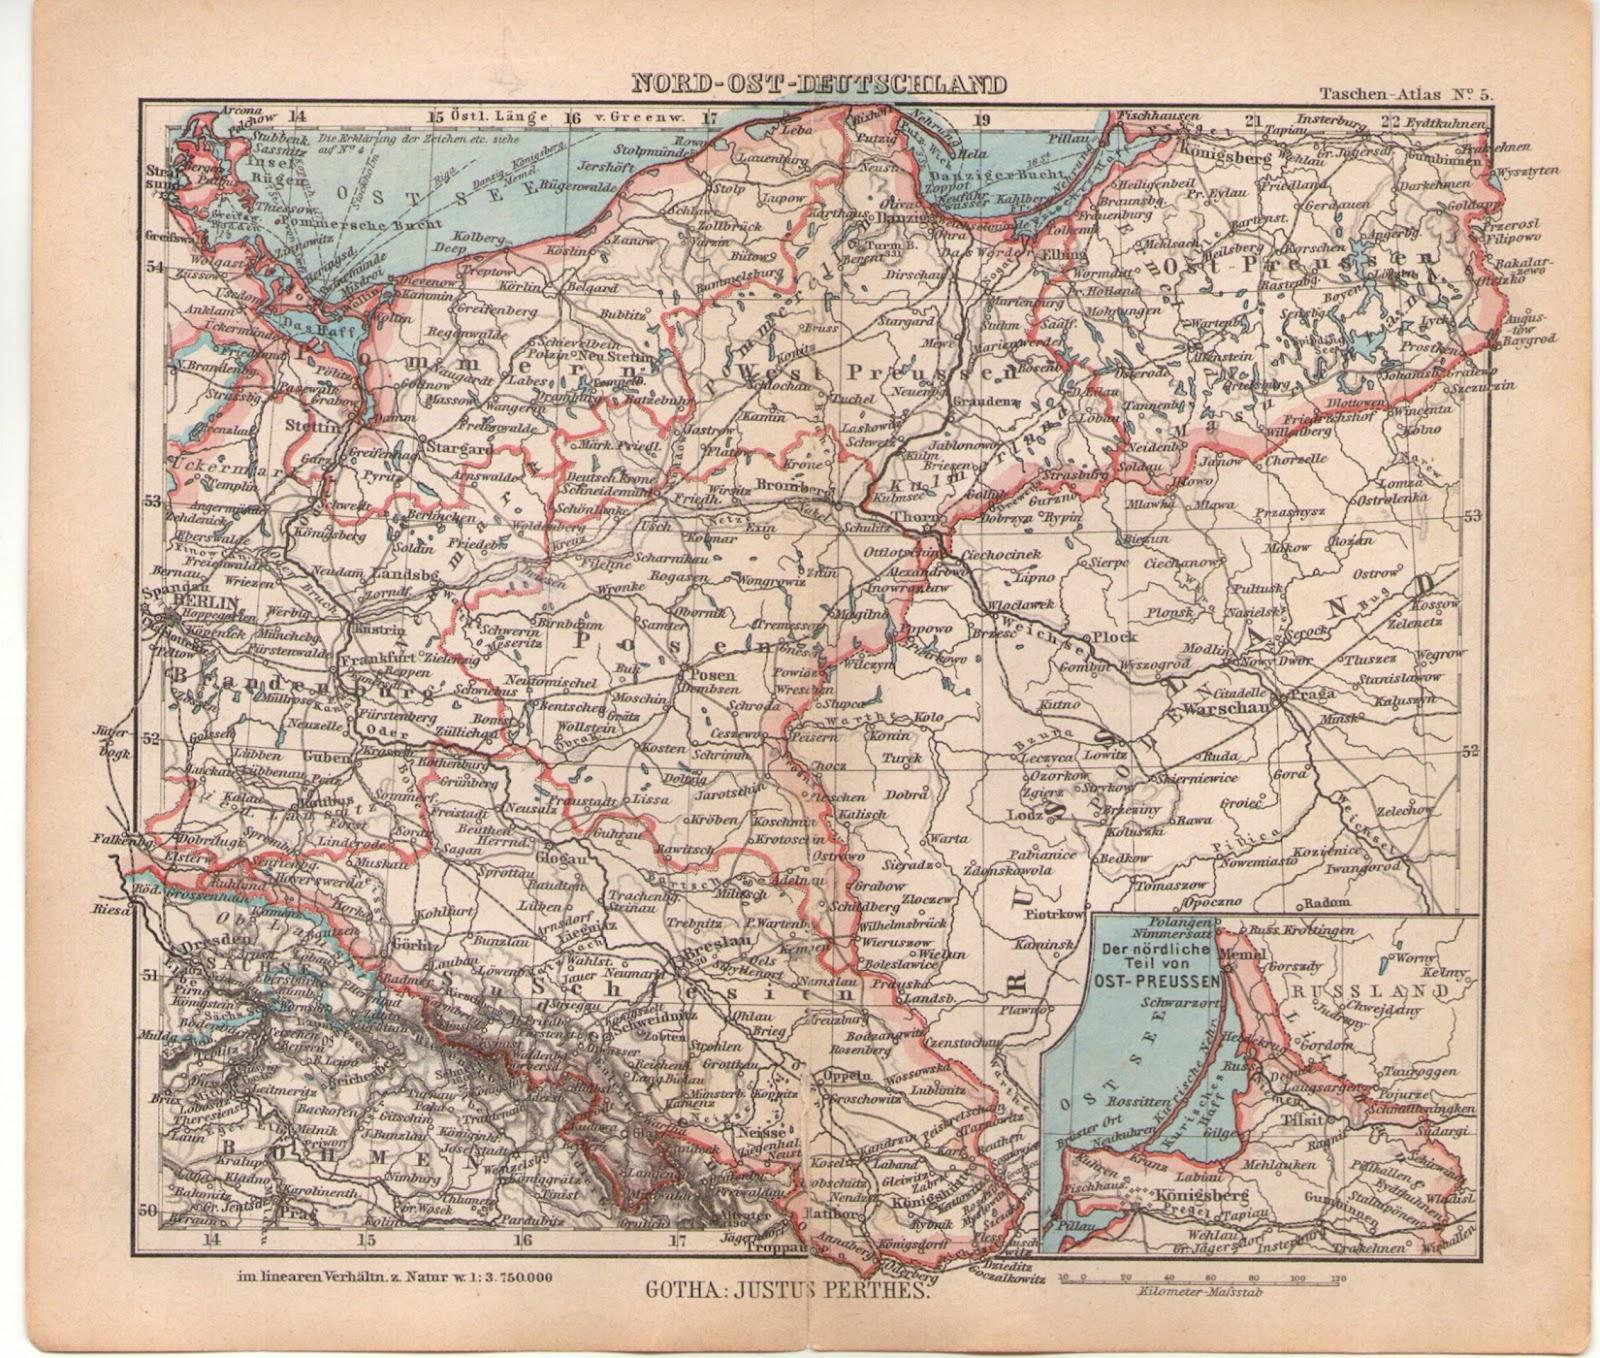 Karte N-O-Deutschland 1940ies Kulmerland